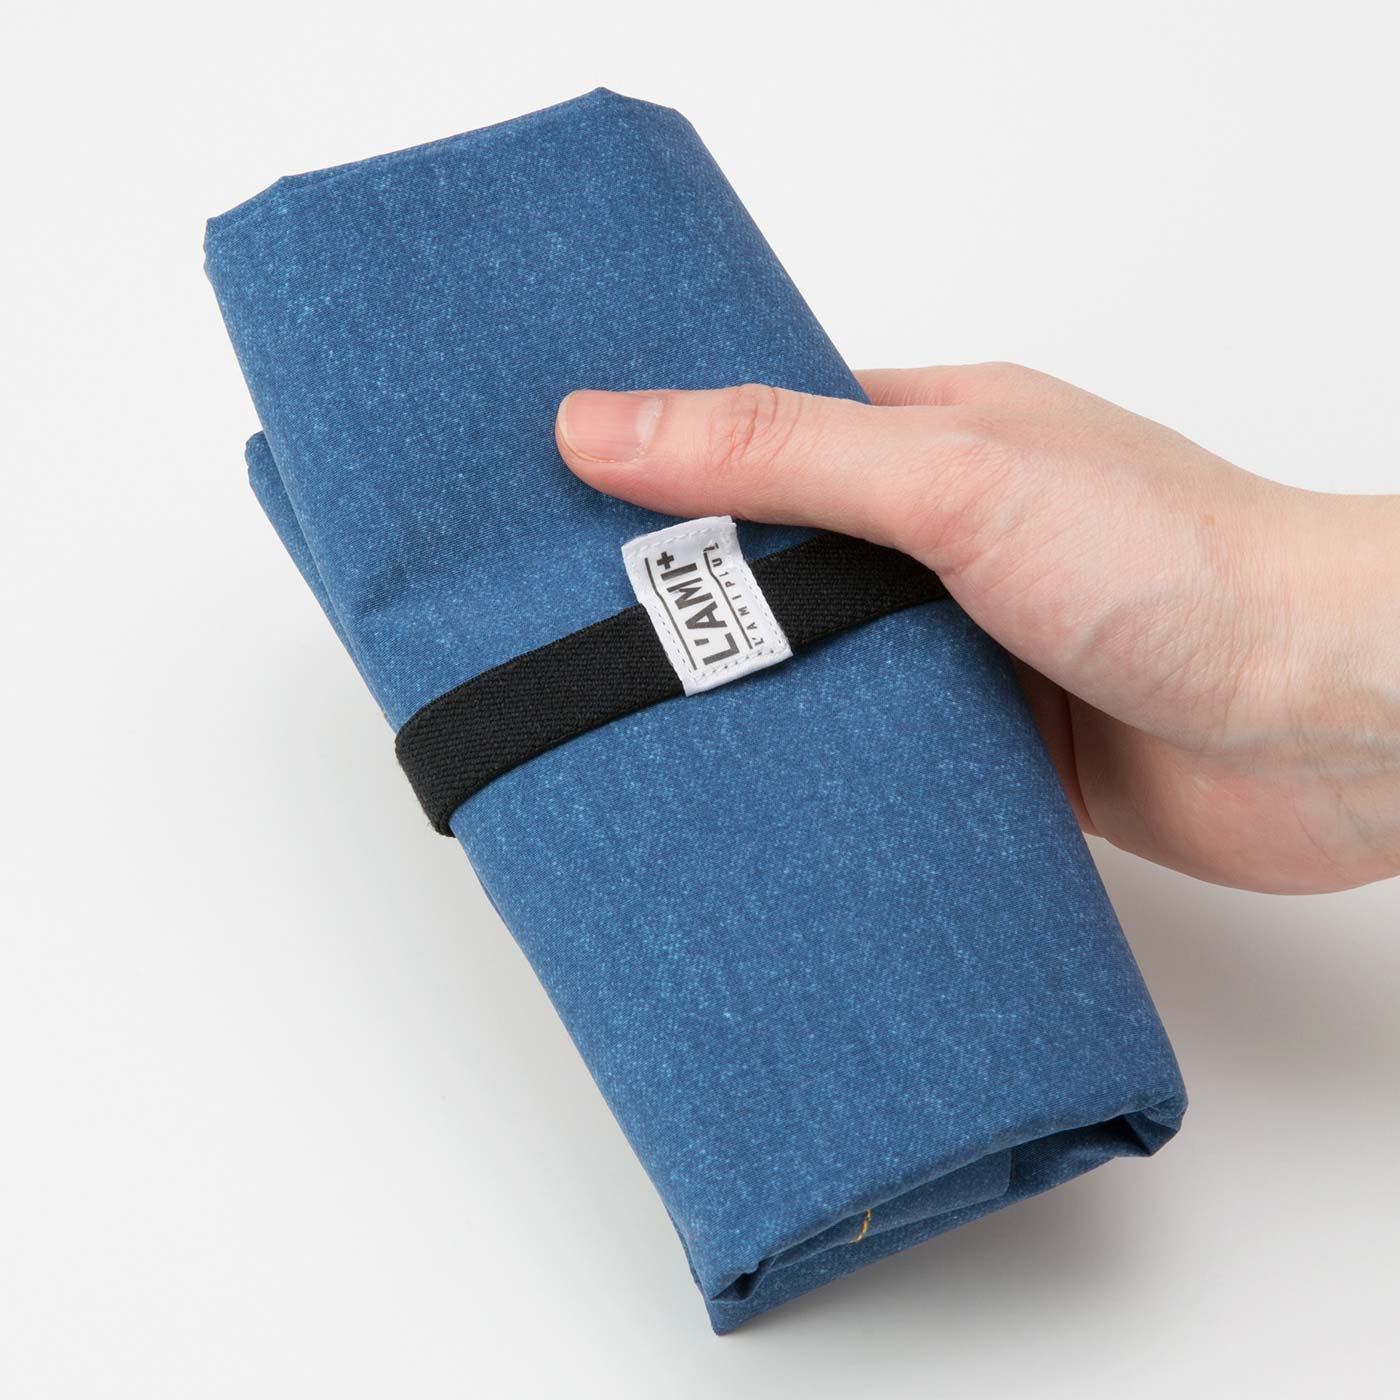 ゴムバンドでコンパクトにまとめてバッグに常備。